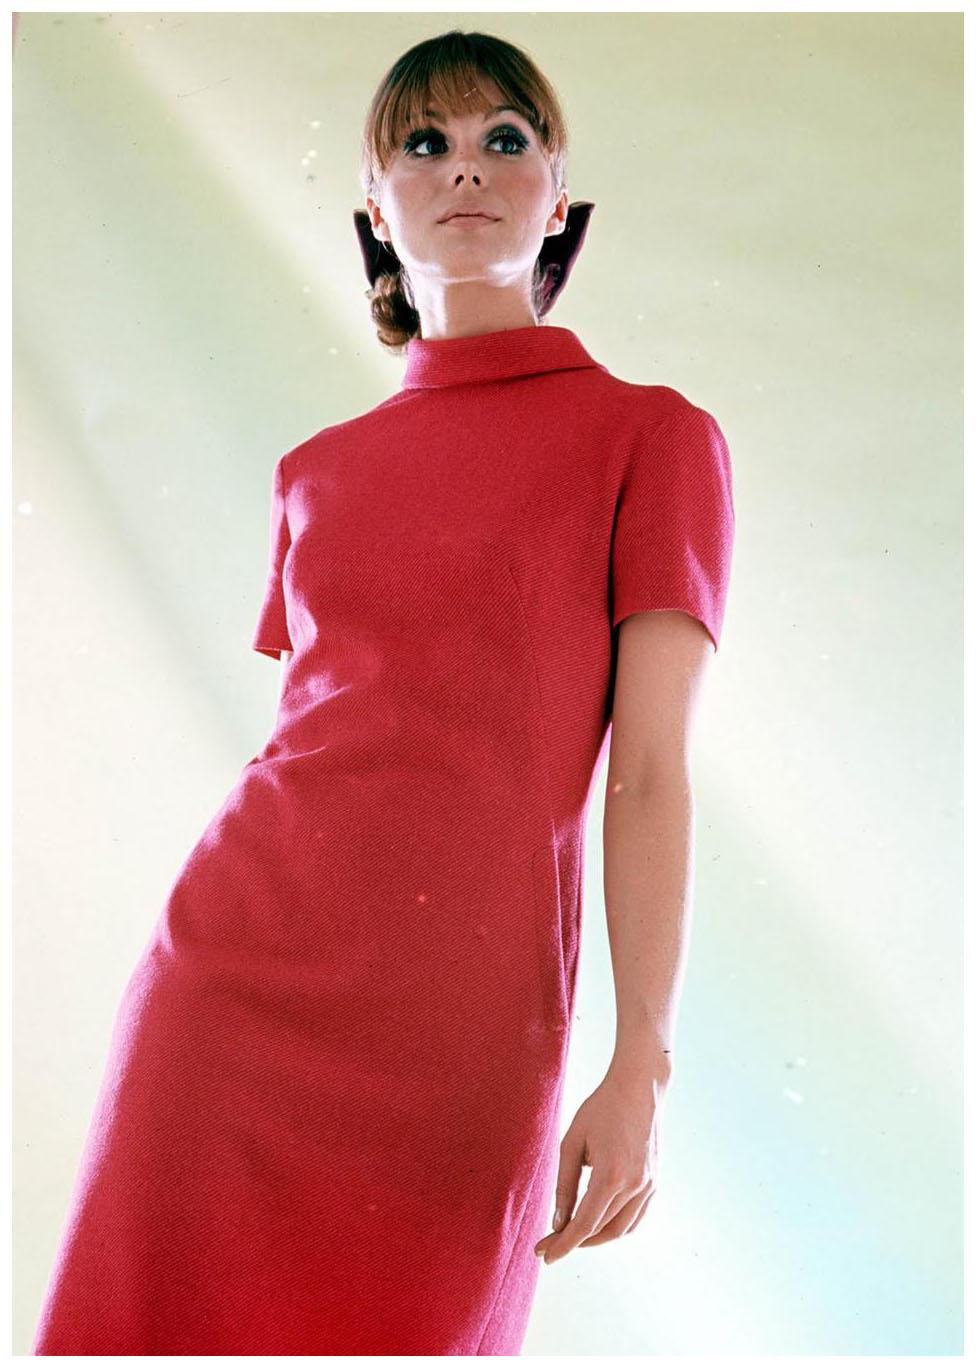 joanna lumley - photo #47